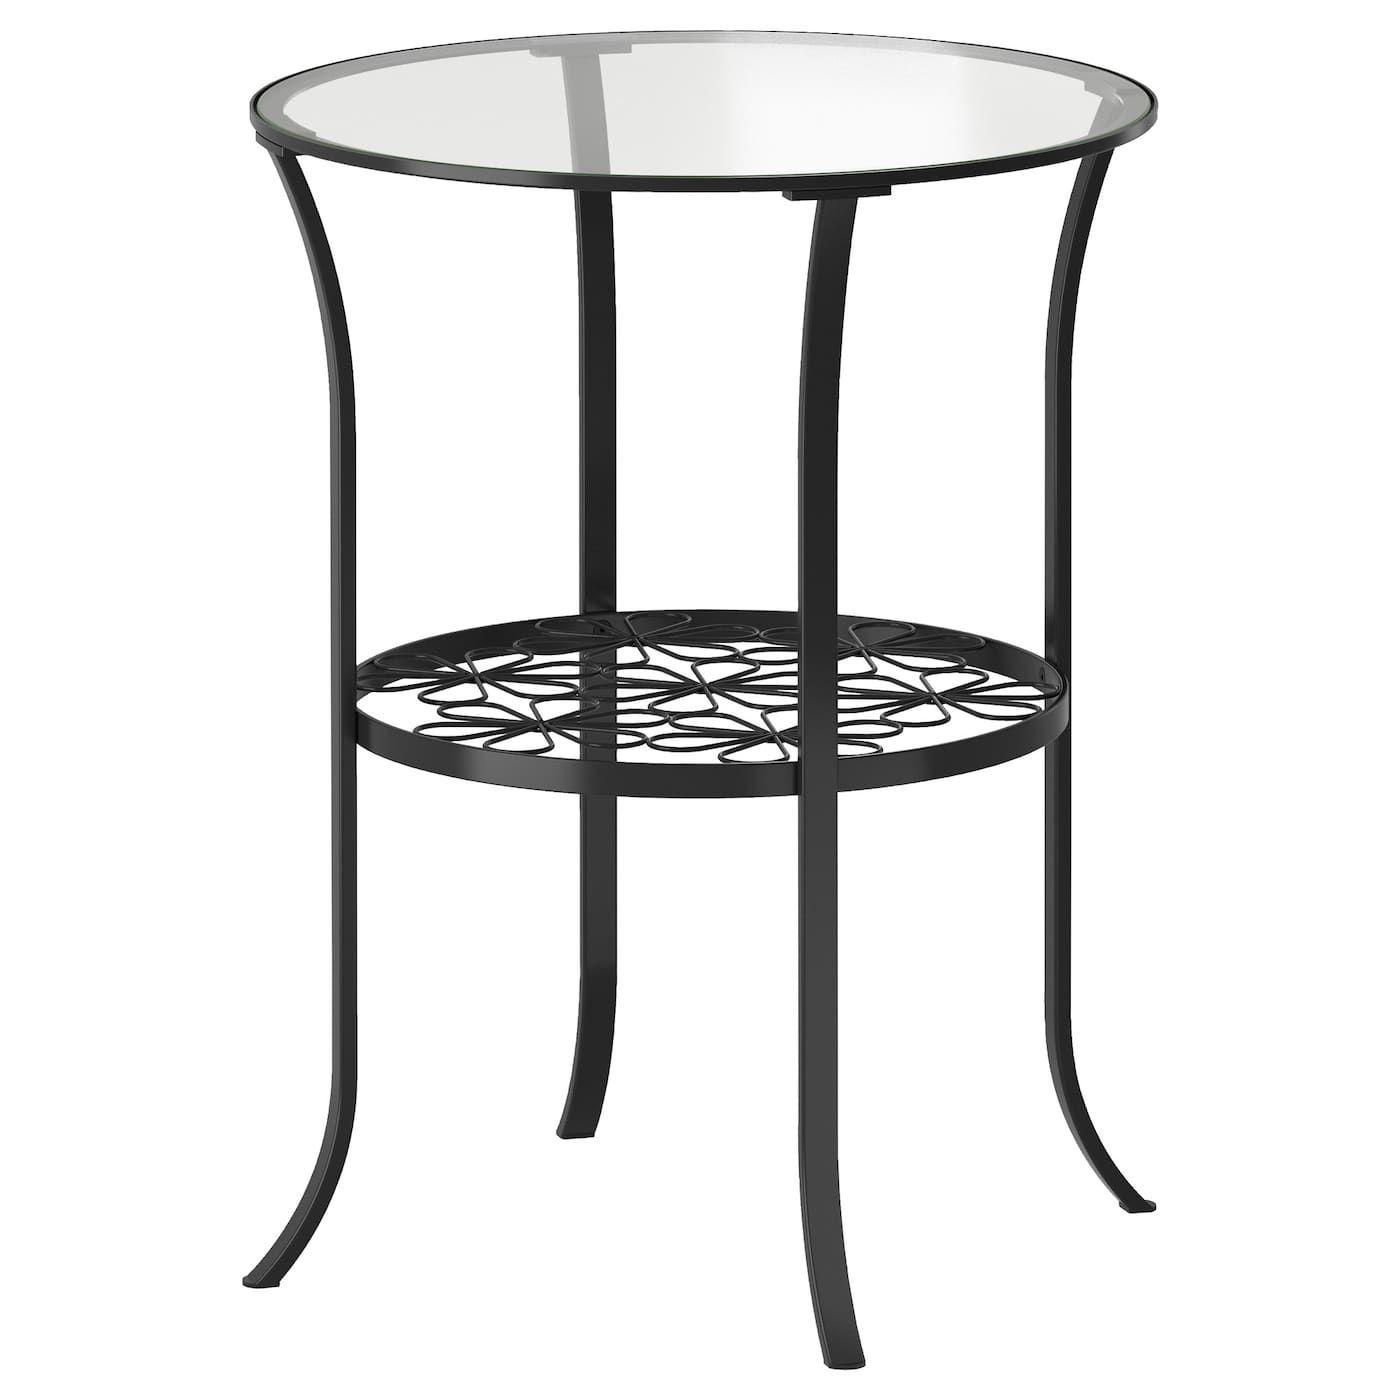 Klingsbo Beistelltisch Schwarz Klarglas 49x62 Cm Ikea Deutschland Ikea Side Table Wood Console Table Ikea Lack Coffee Table [ 1400 x 1400 Pixel ]